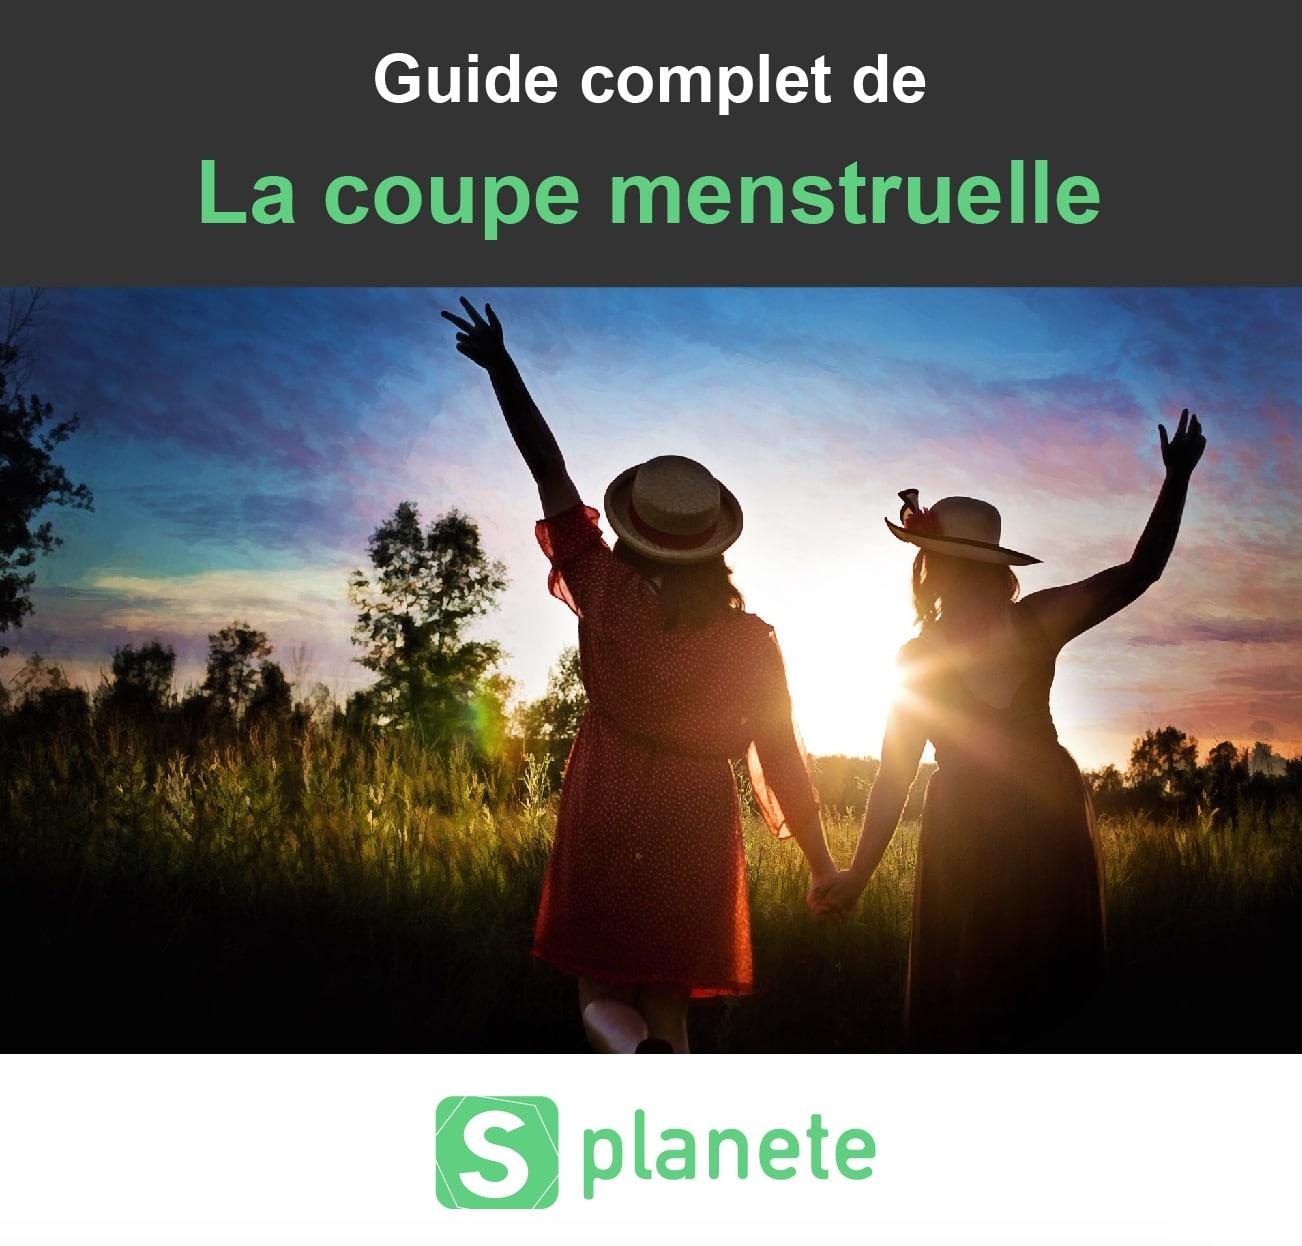 La coupe menstruelle : guide complet